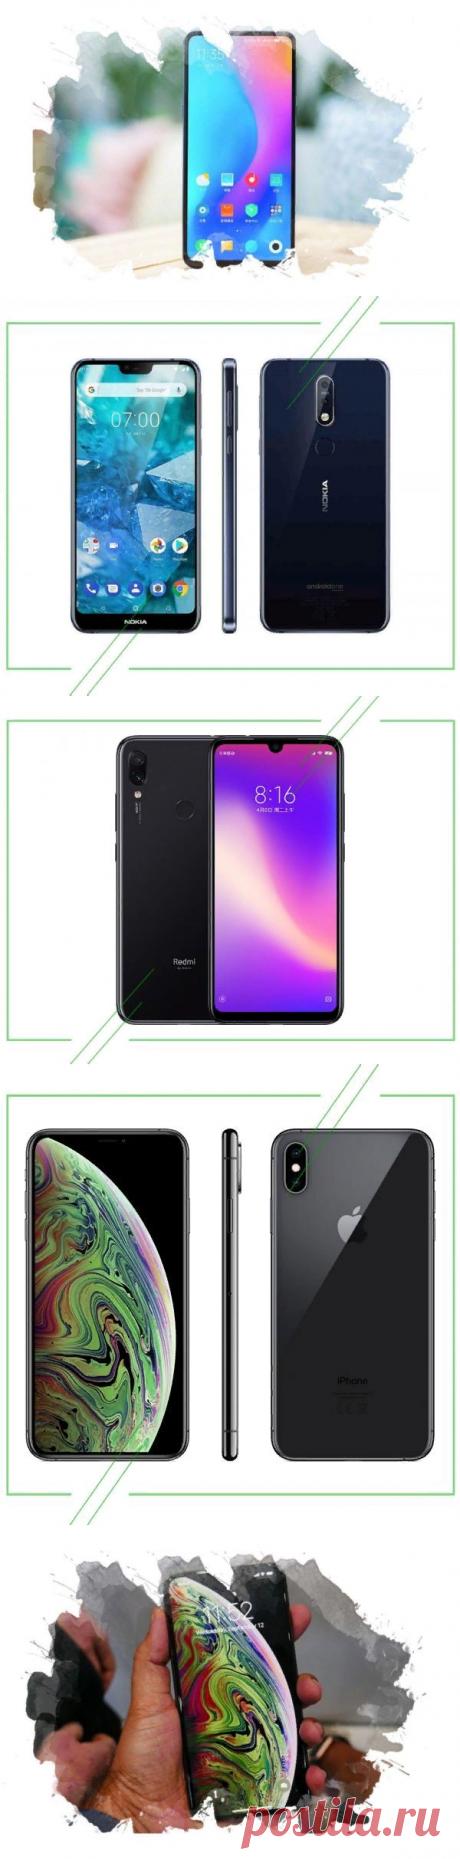 ТОП-7 лучших смартфонов с хорошей камерой 2019 года